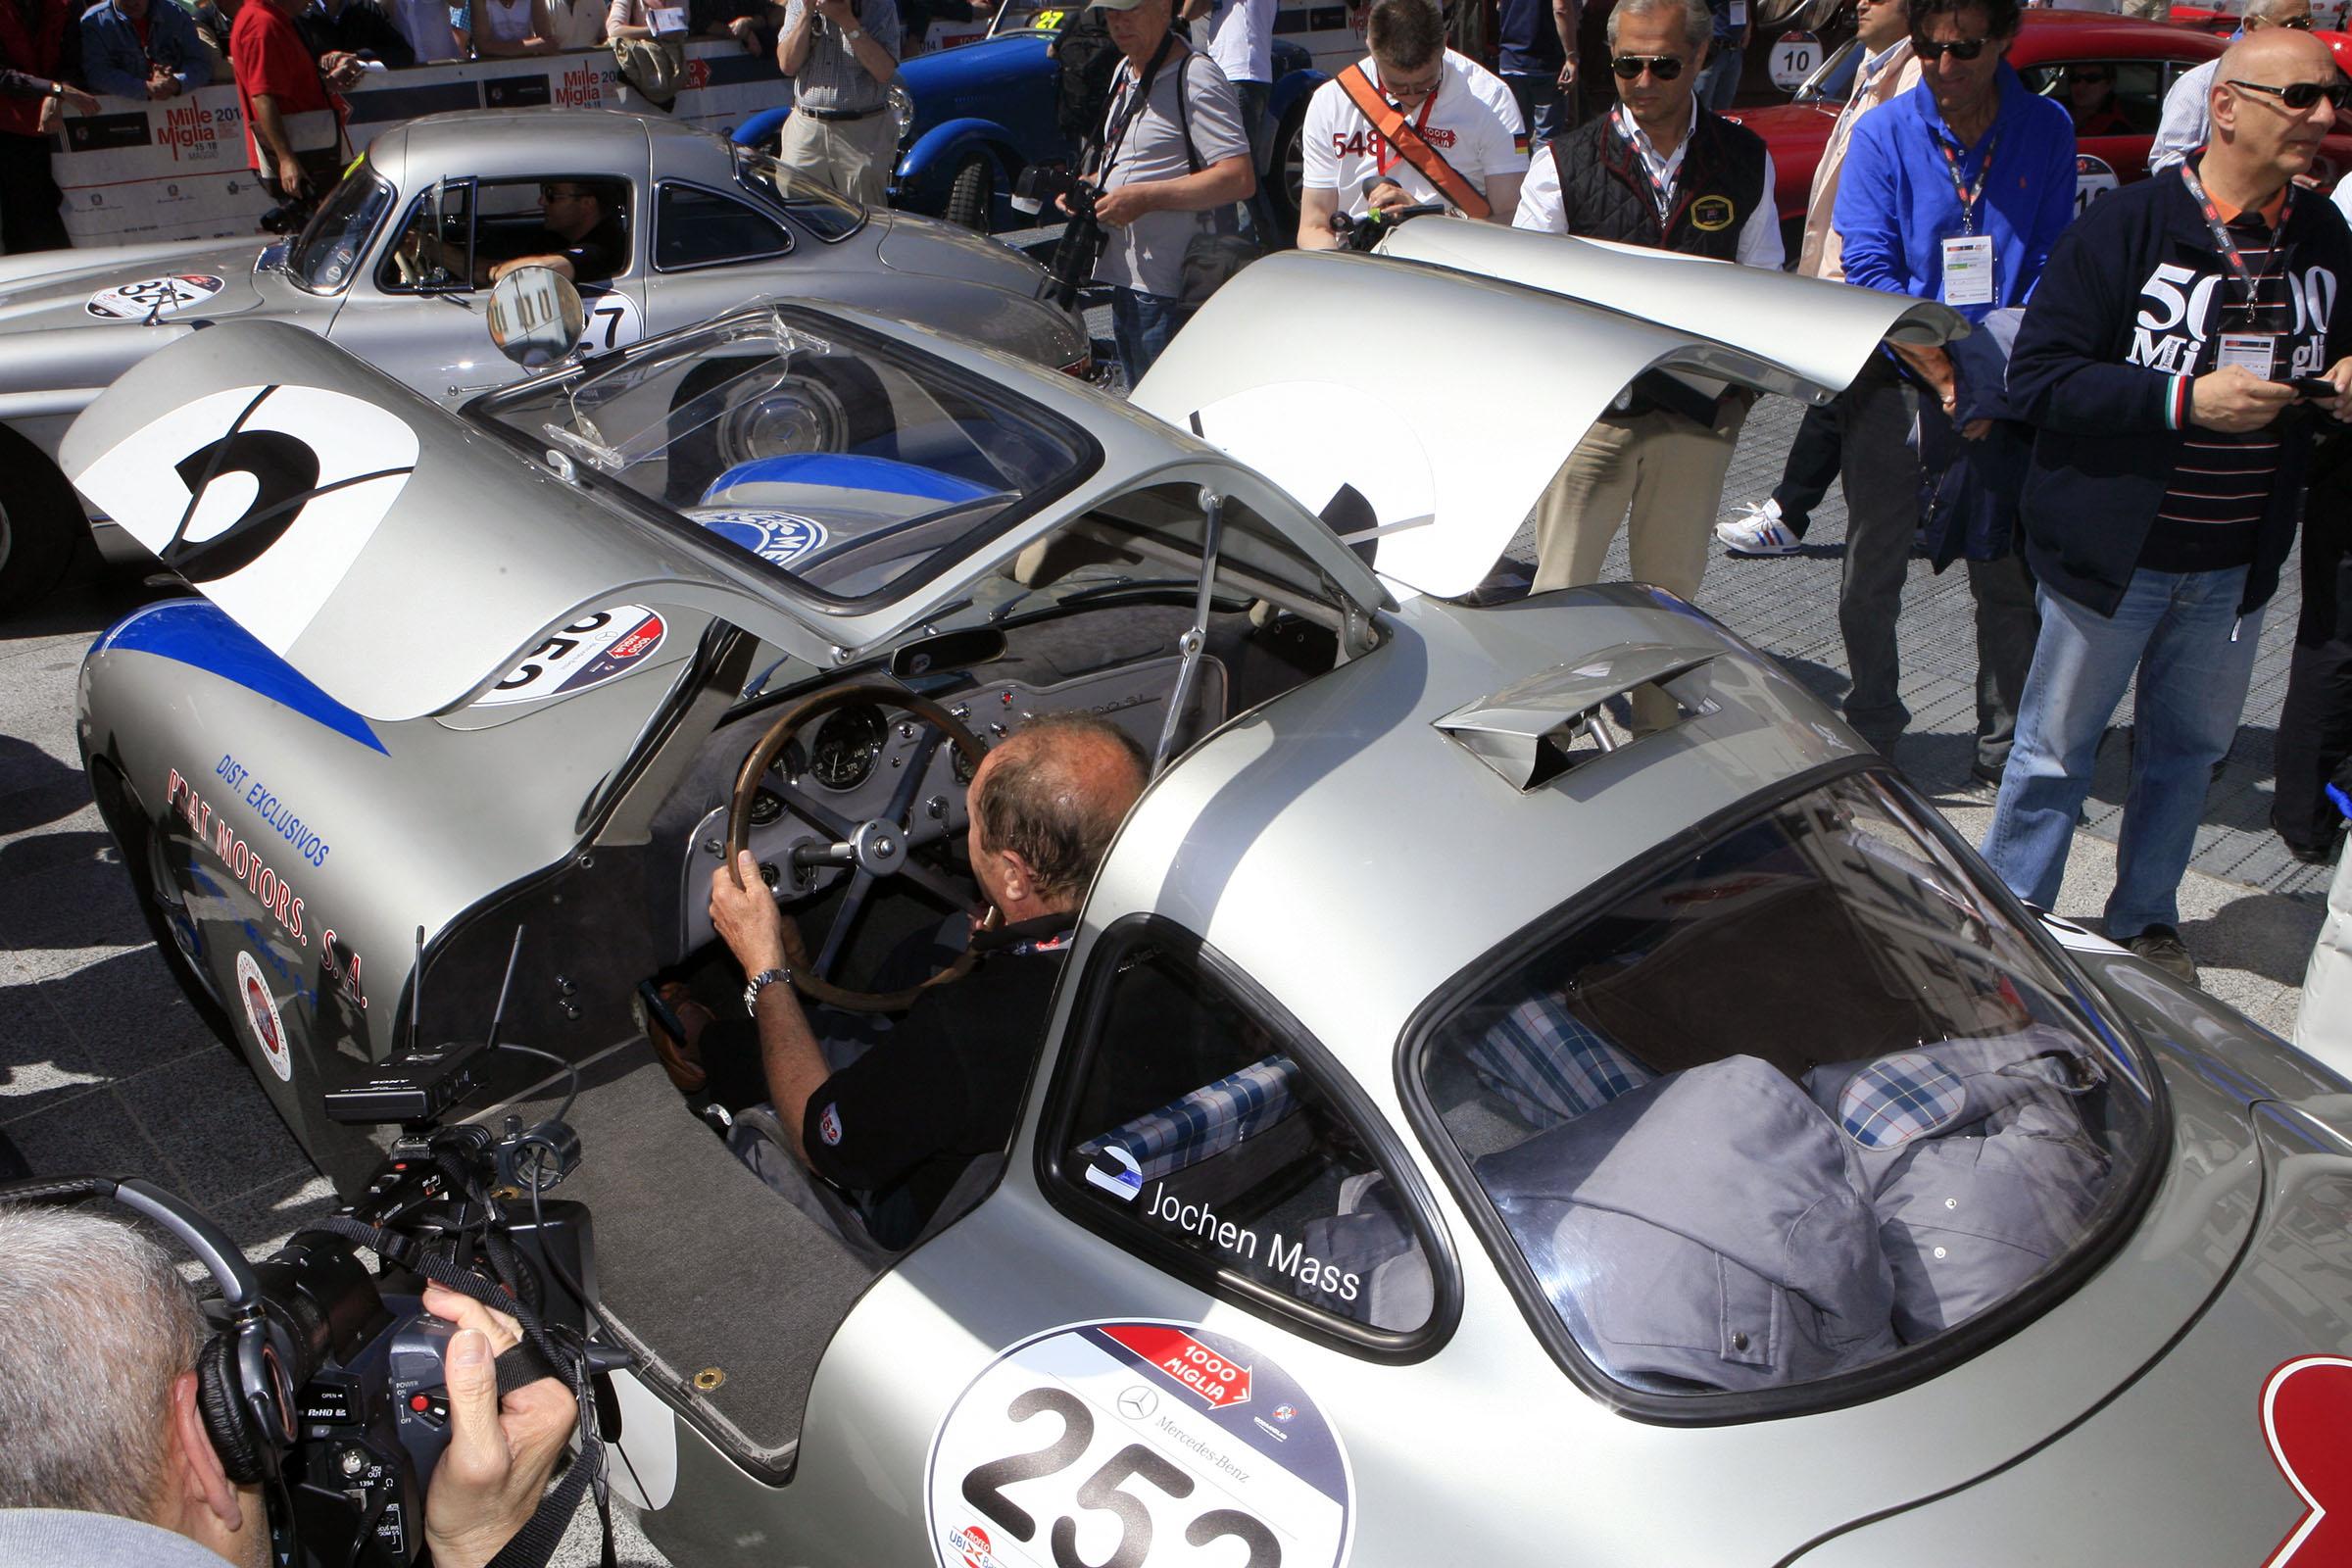 252 - MASS Jochen (D) + SCHROEDER Michael (D) - Mercedes-B. 300 SL W 194 Carrera (1952)